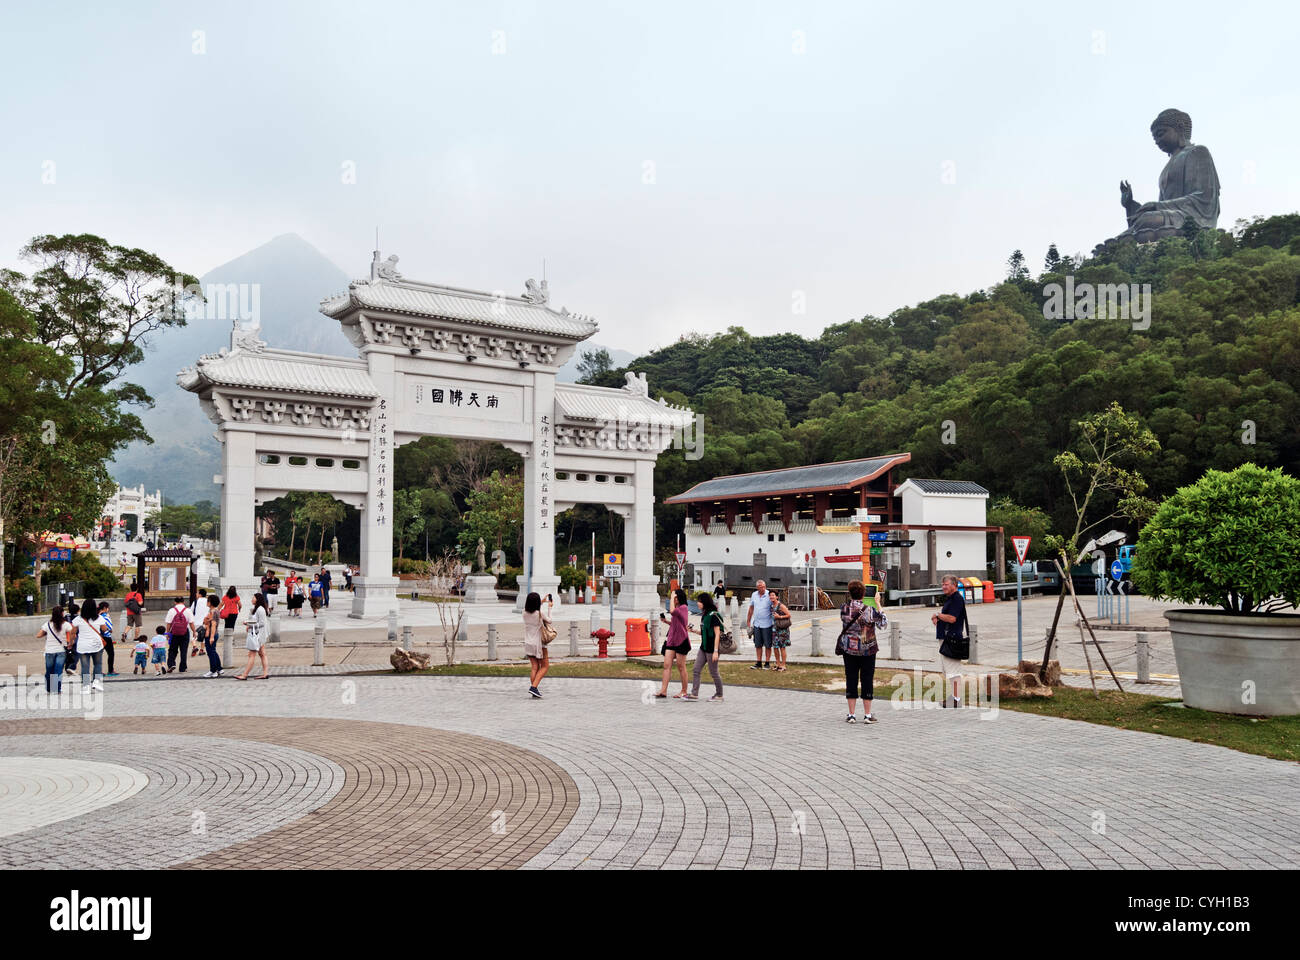 Gateway and approach to Tian Tan Buddha, Lantau Island, Hong Kong Stock Photo